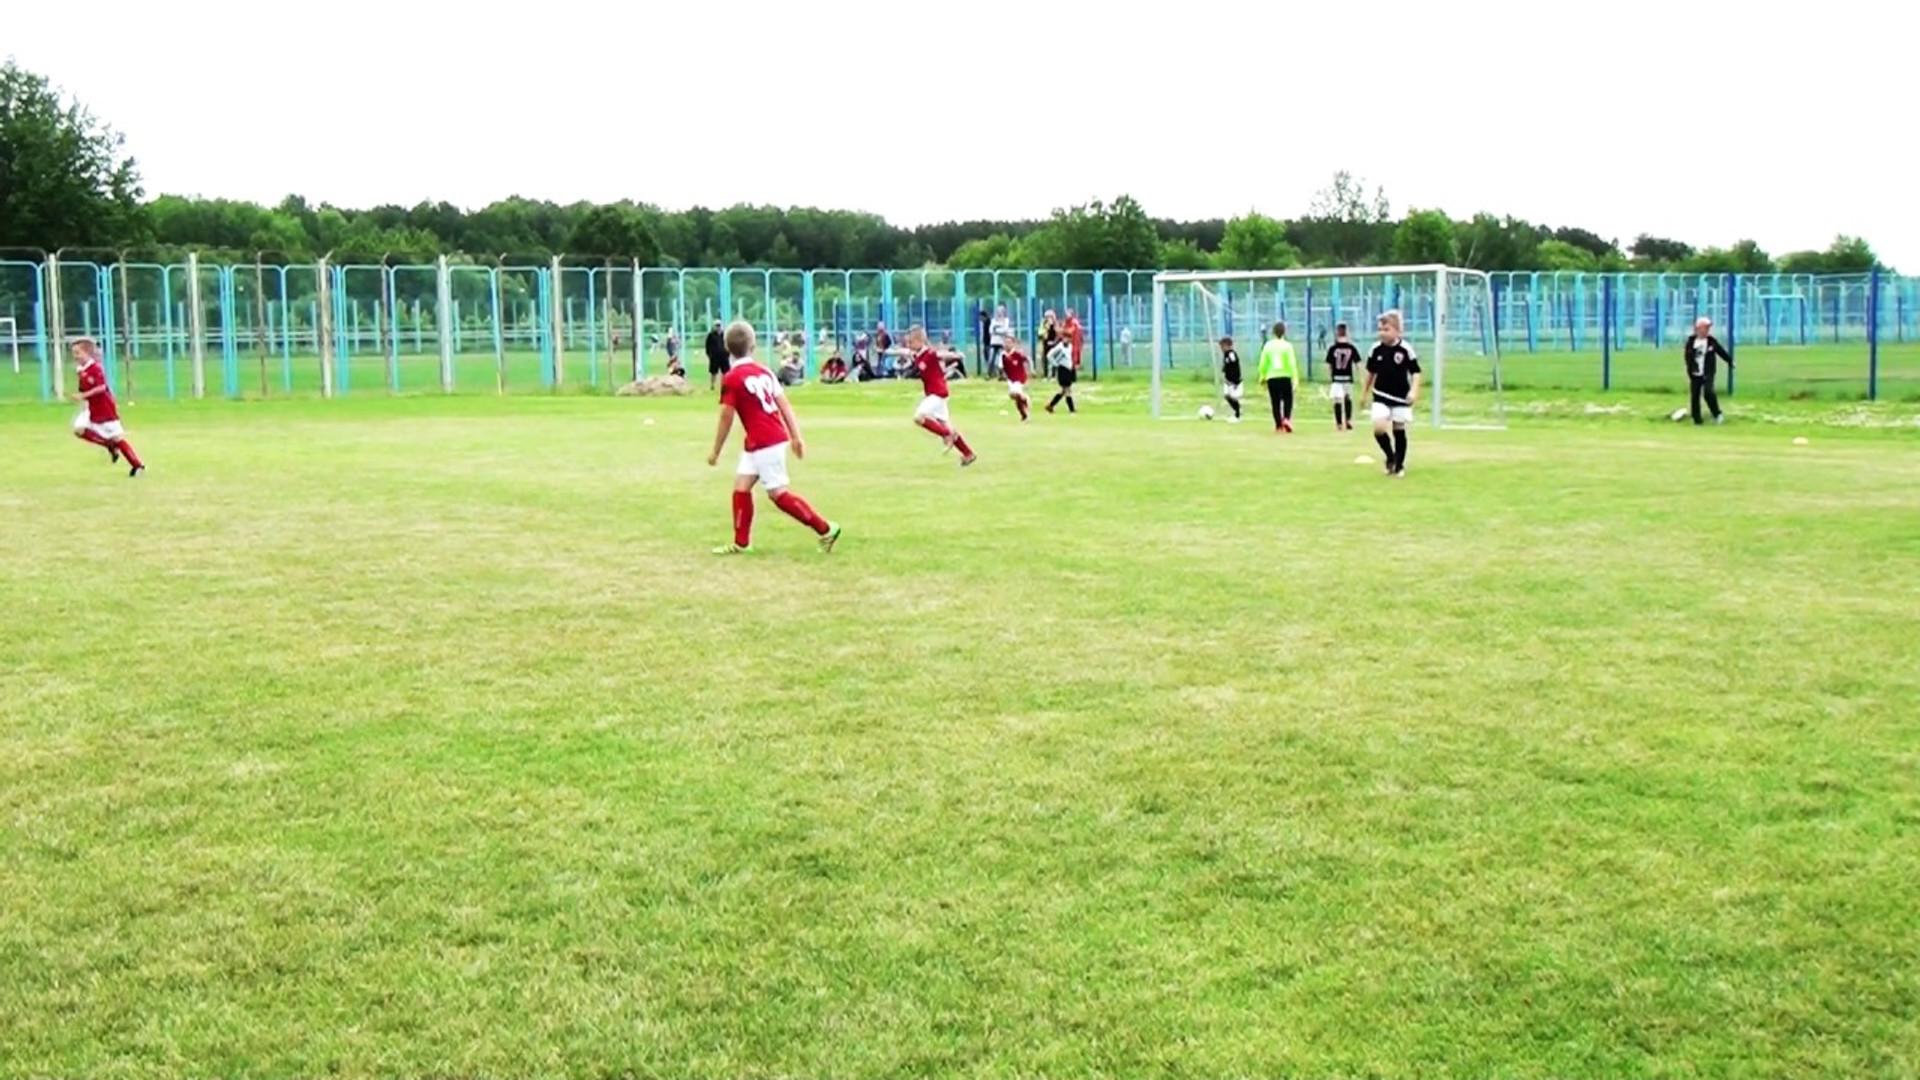 Дом Футбола 6-4 ФК Минск-2 (товарищеская игра), 2009 год